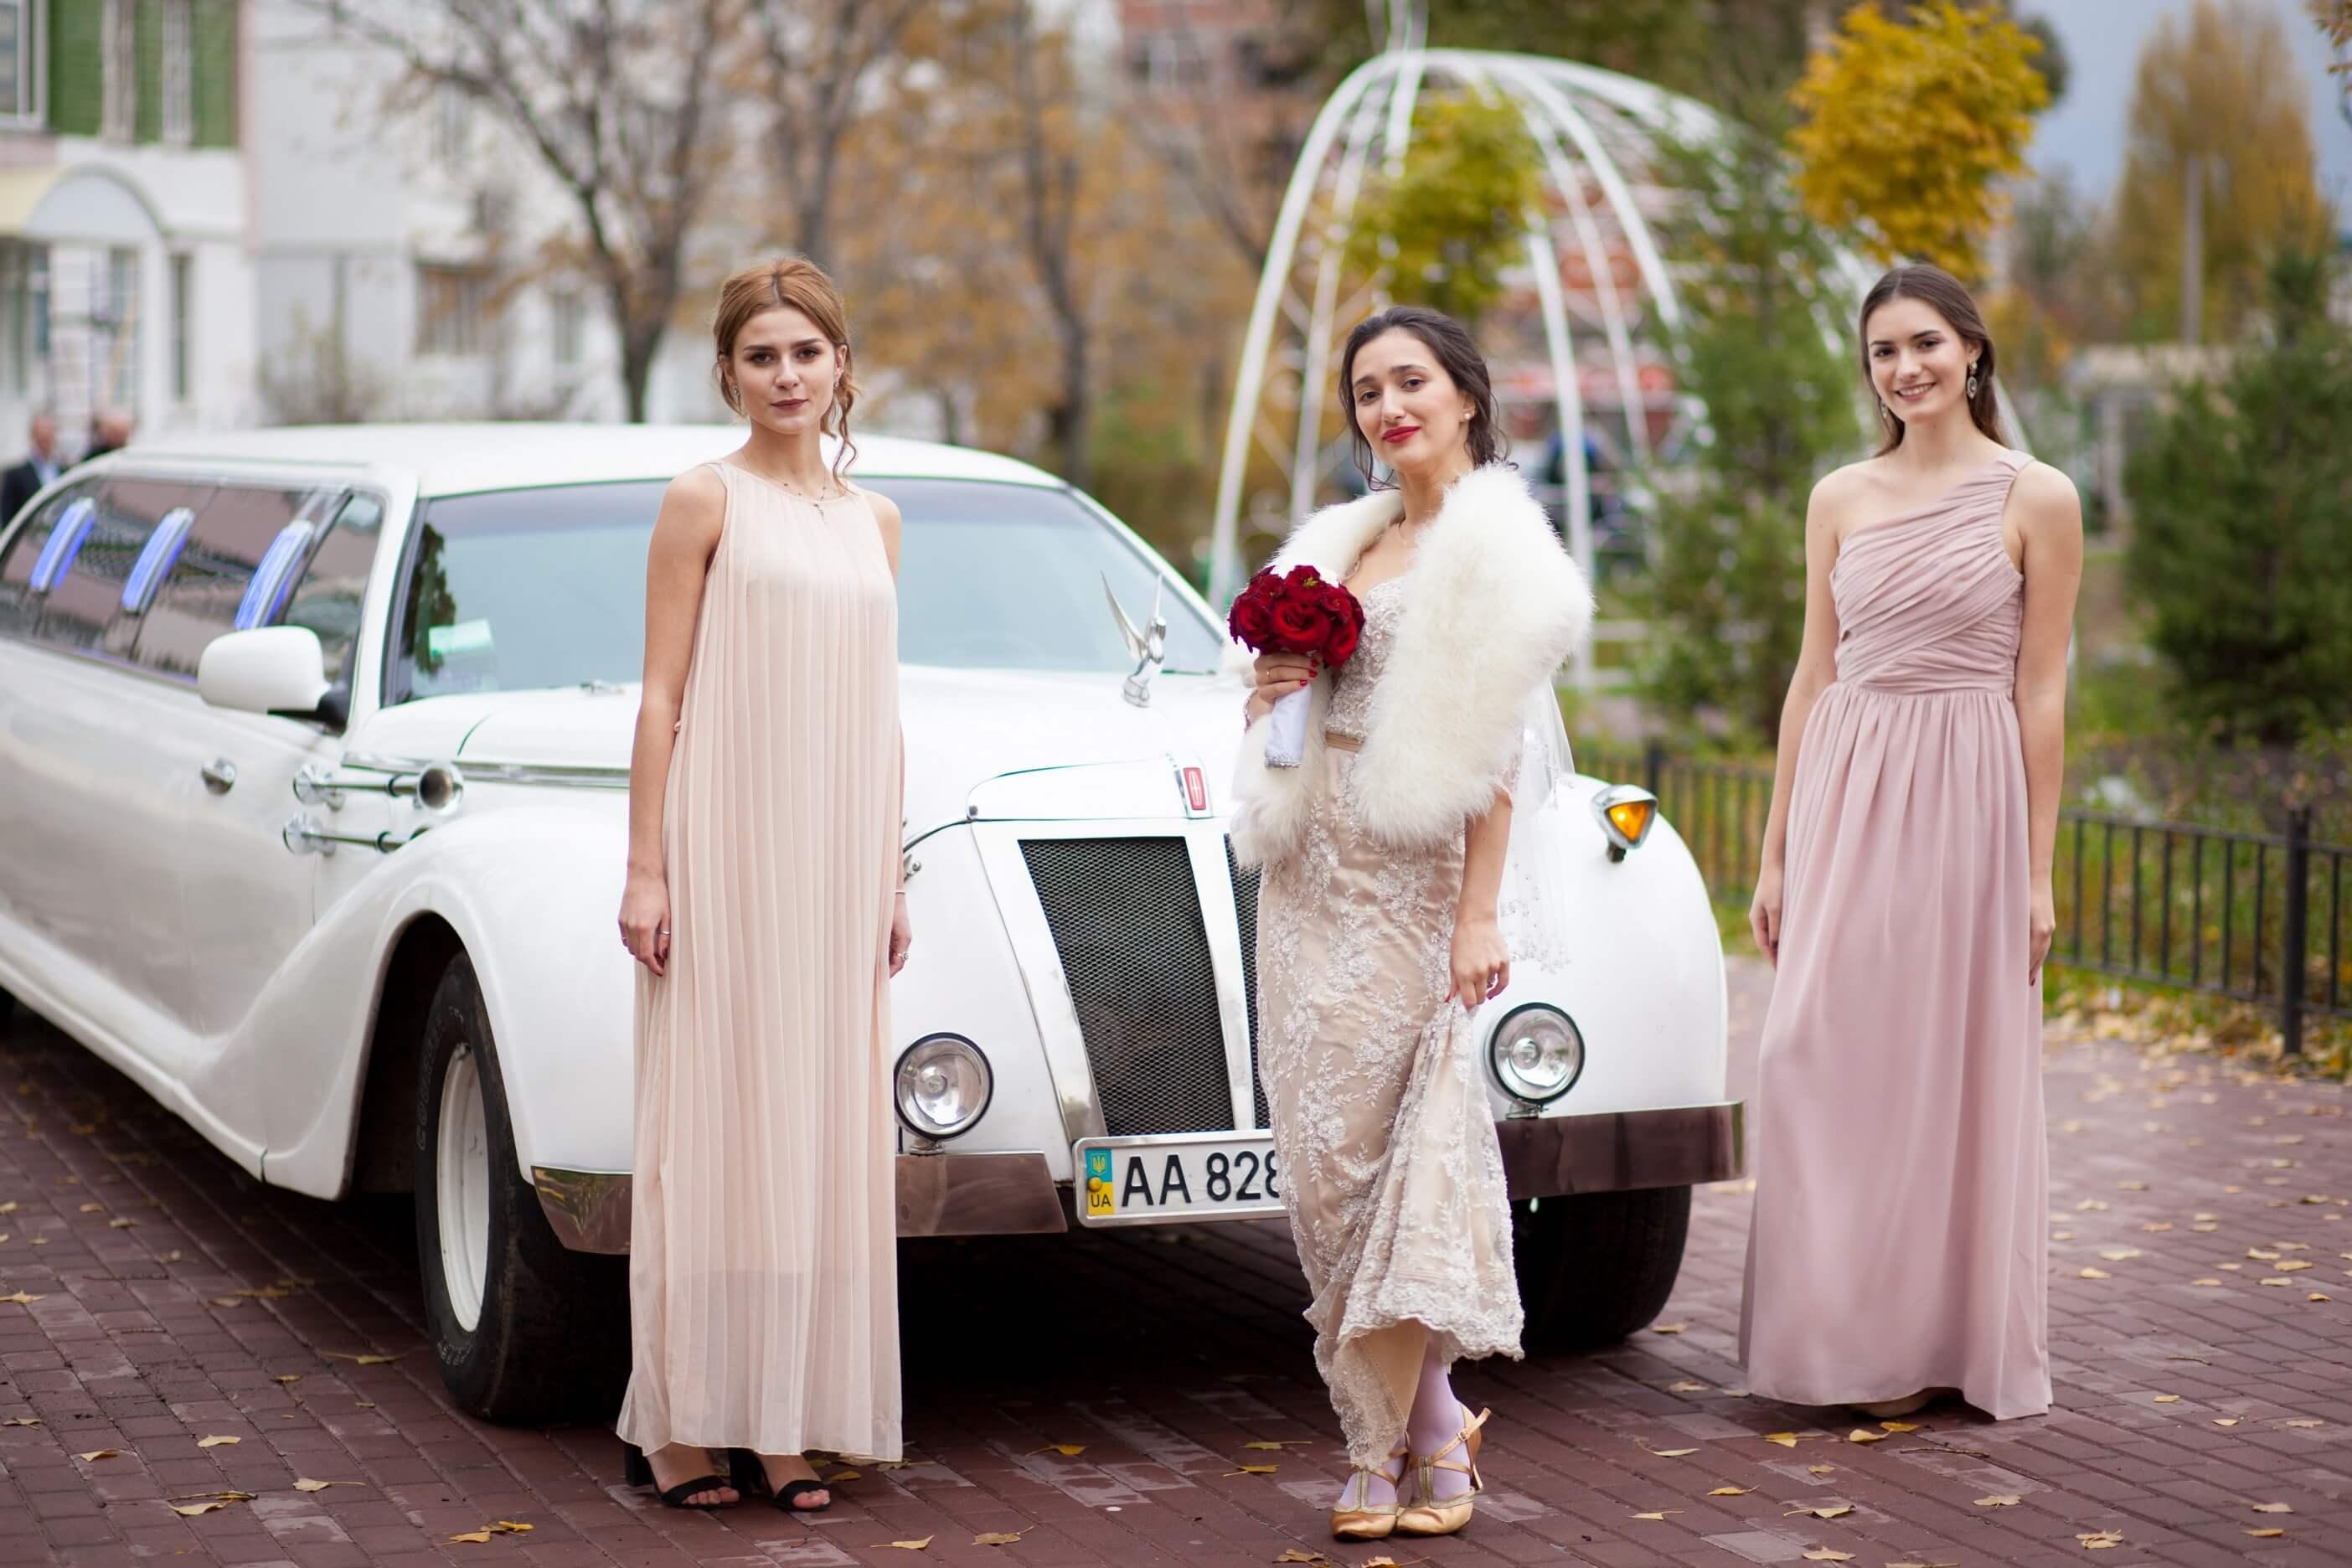 c31e2b2a6db89e8 Свадебная фотосессия в студии. Идеи для свадьбы. Ретро свадьба в ...